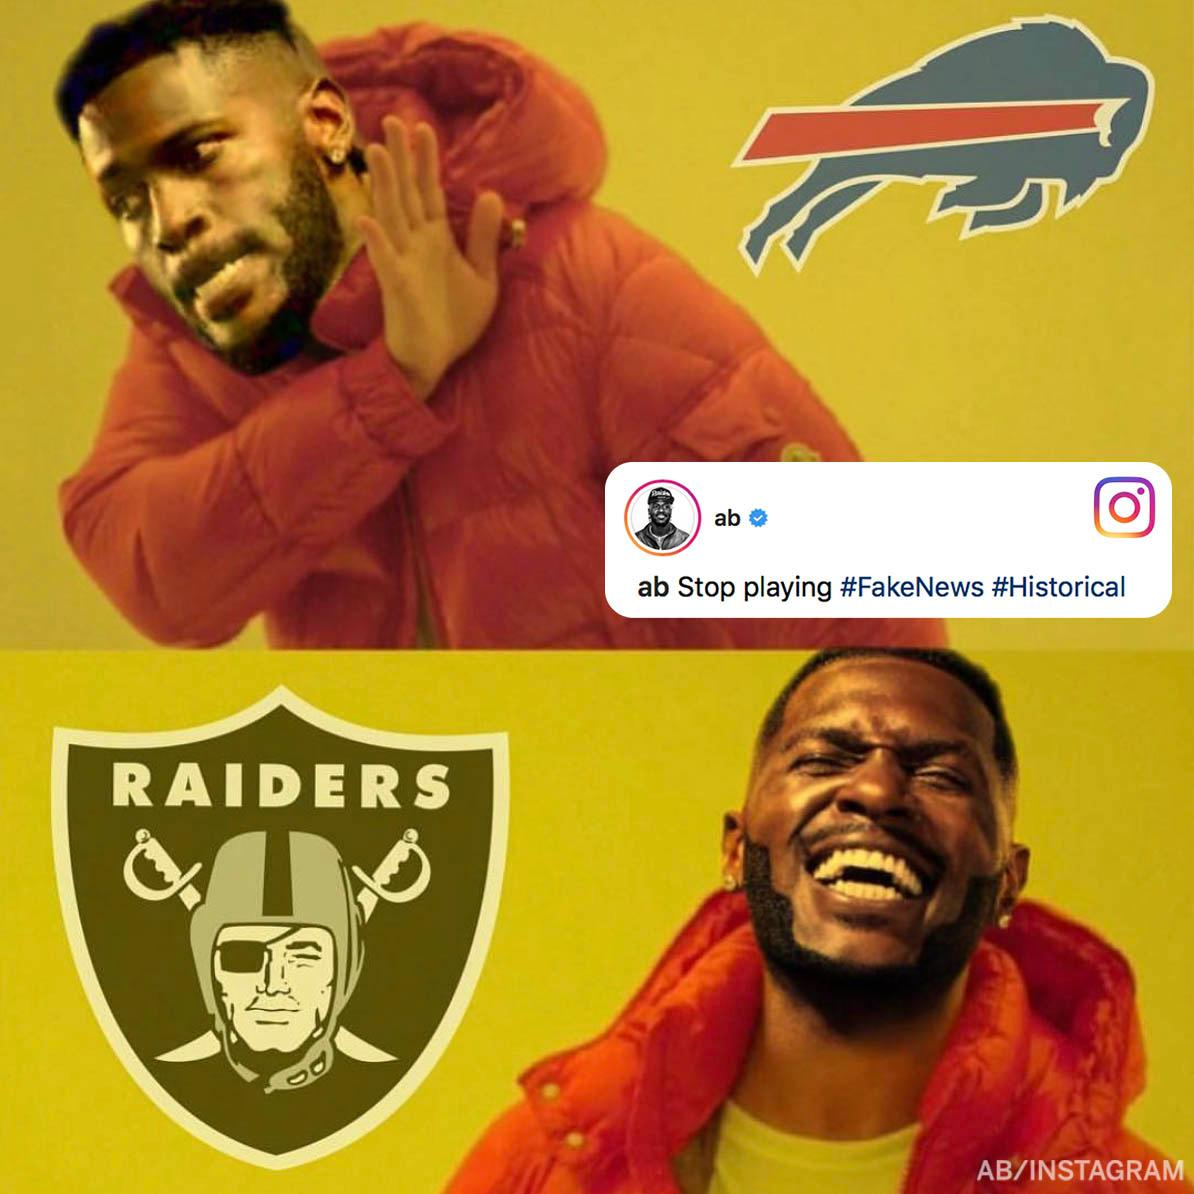 AB's got jokes �� (via @AB84) https://t.co/hYsH7DmtMi